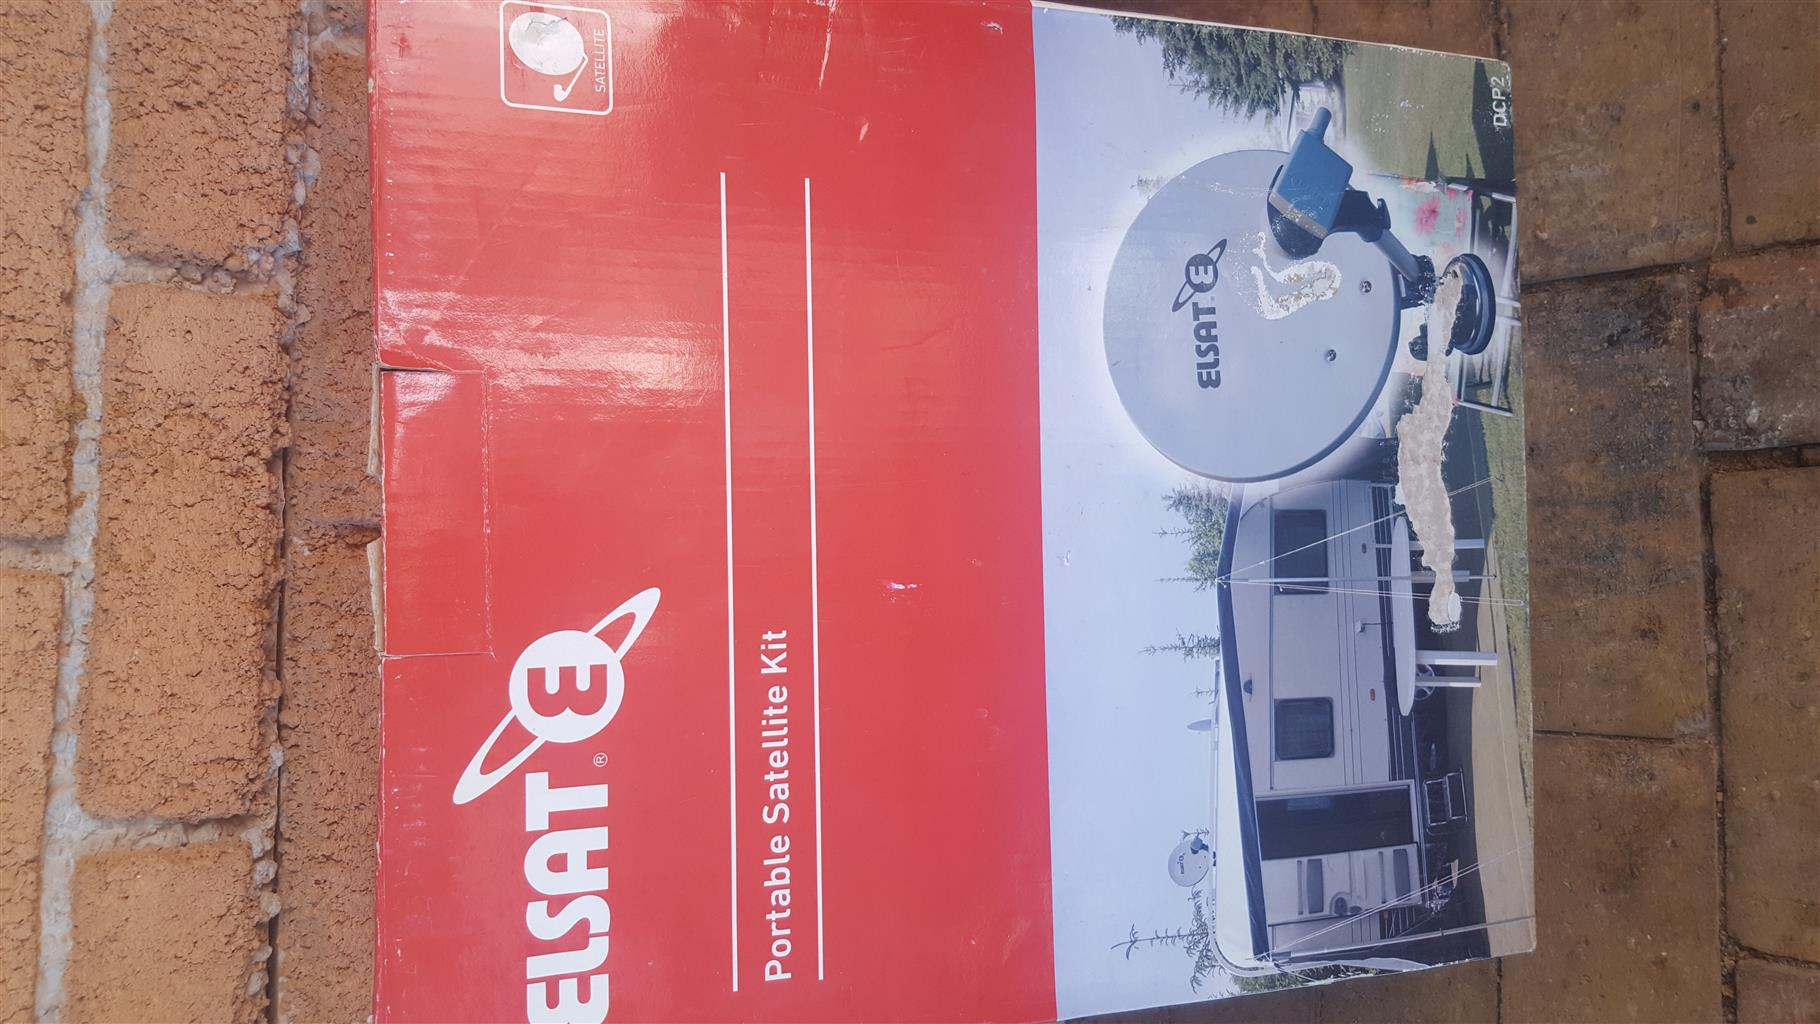 ELSAT Portable satelite kit